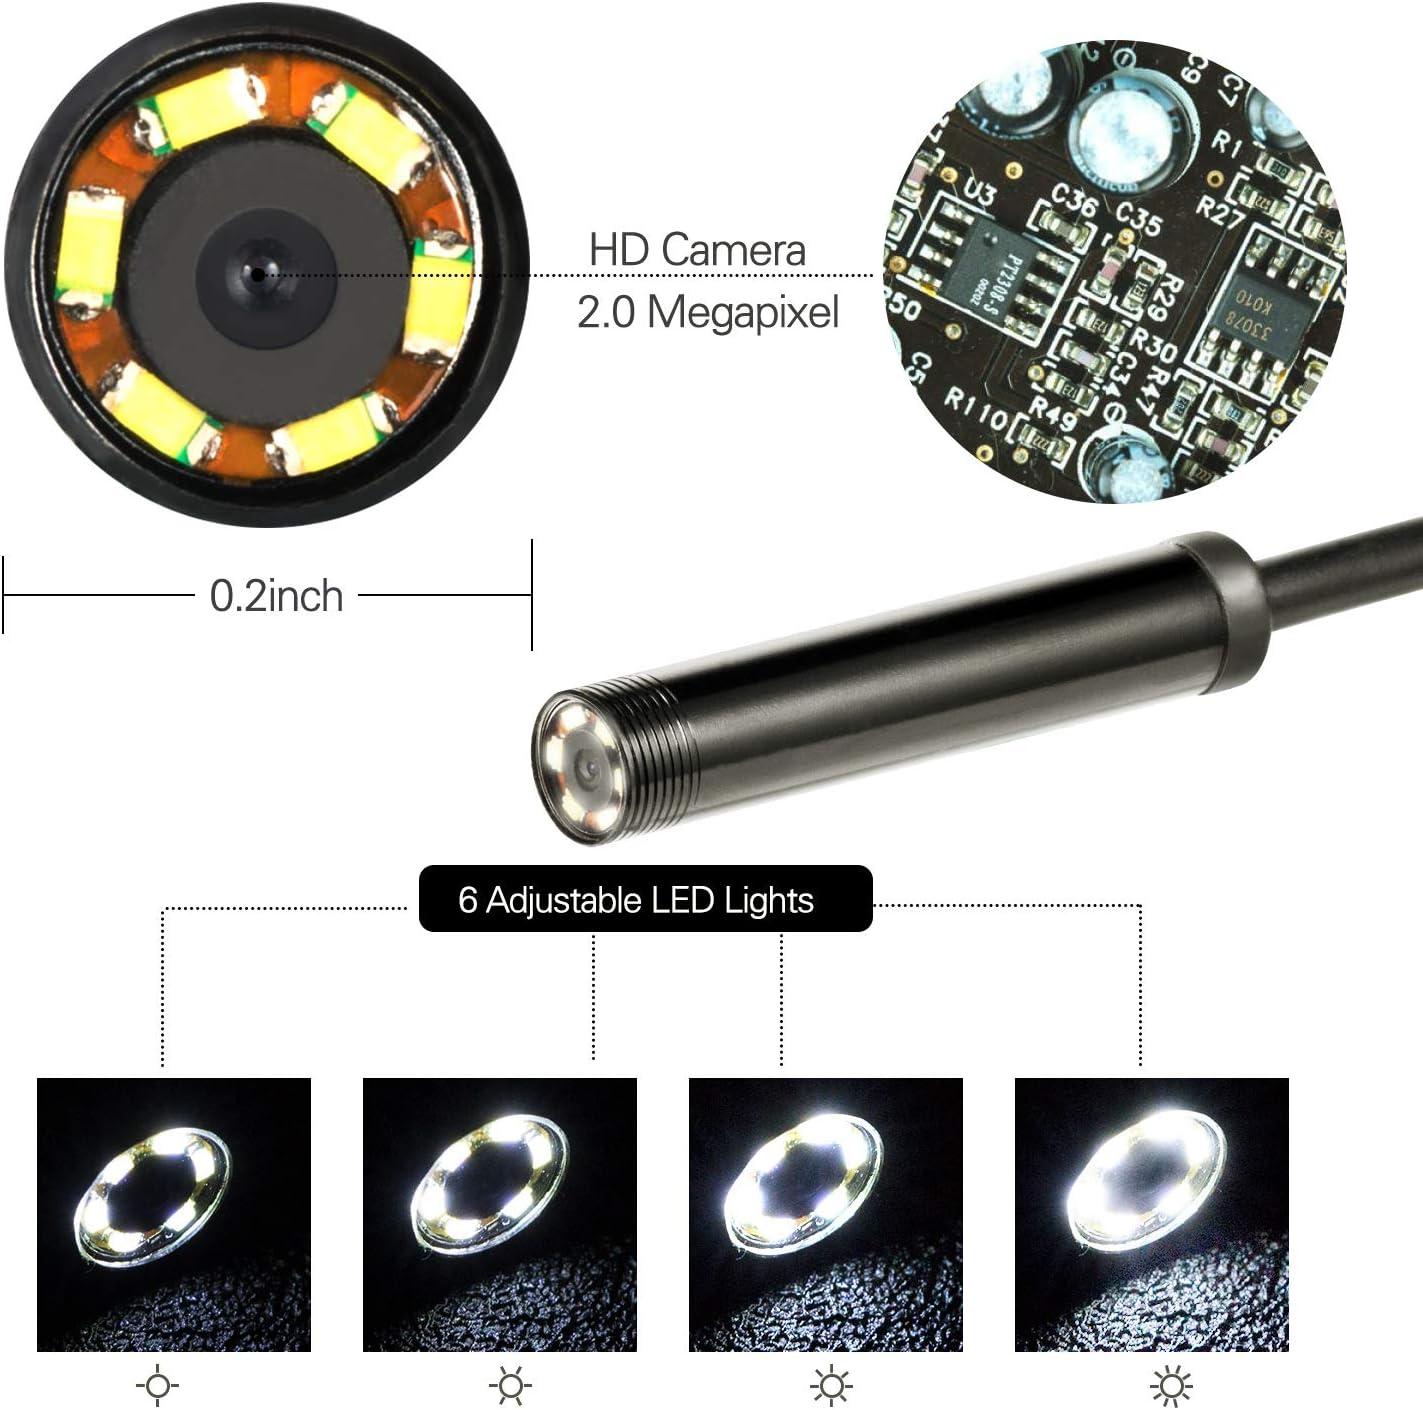 ACC Fotocamera per Endoscopio da 5,5 Mm 3 in 1 USB//Micro//Type-C Borescope Inspection Camera-HD IP67 Telecamera per Endoscopio USB Impermeabile per iPhone PC E XP,1.5M Android